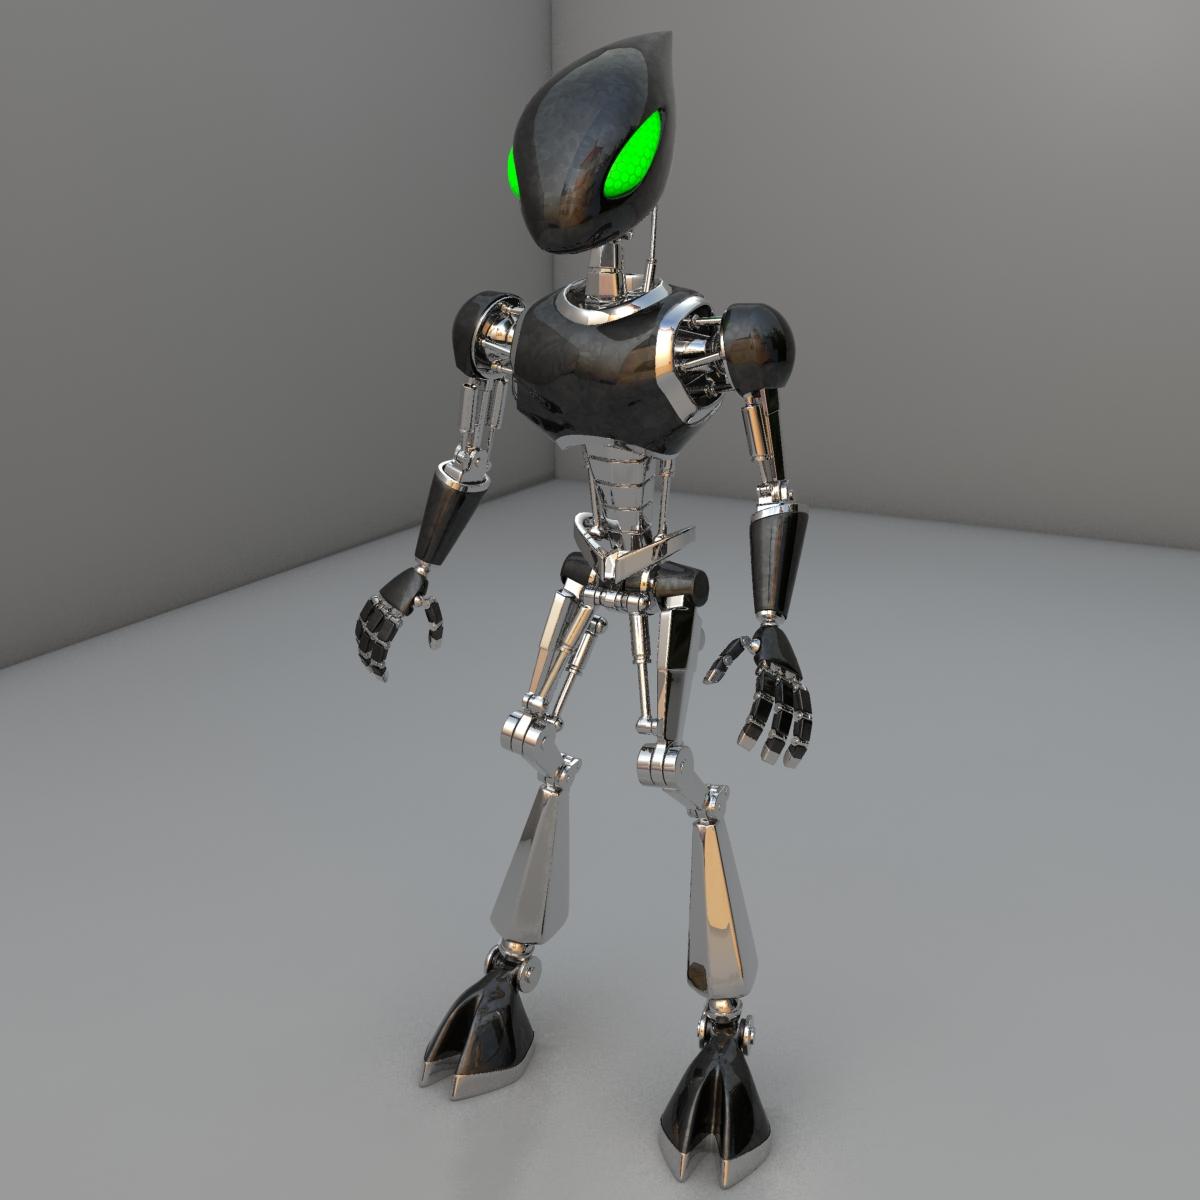 cpkb robot rigged 3d model 3ds max fbx blend obj 119273